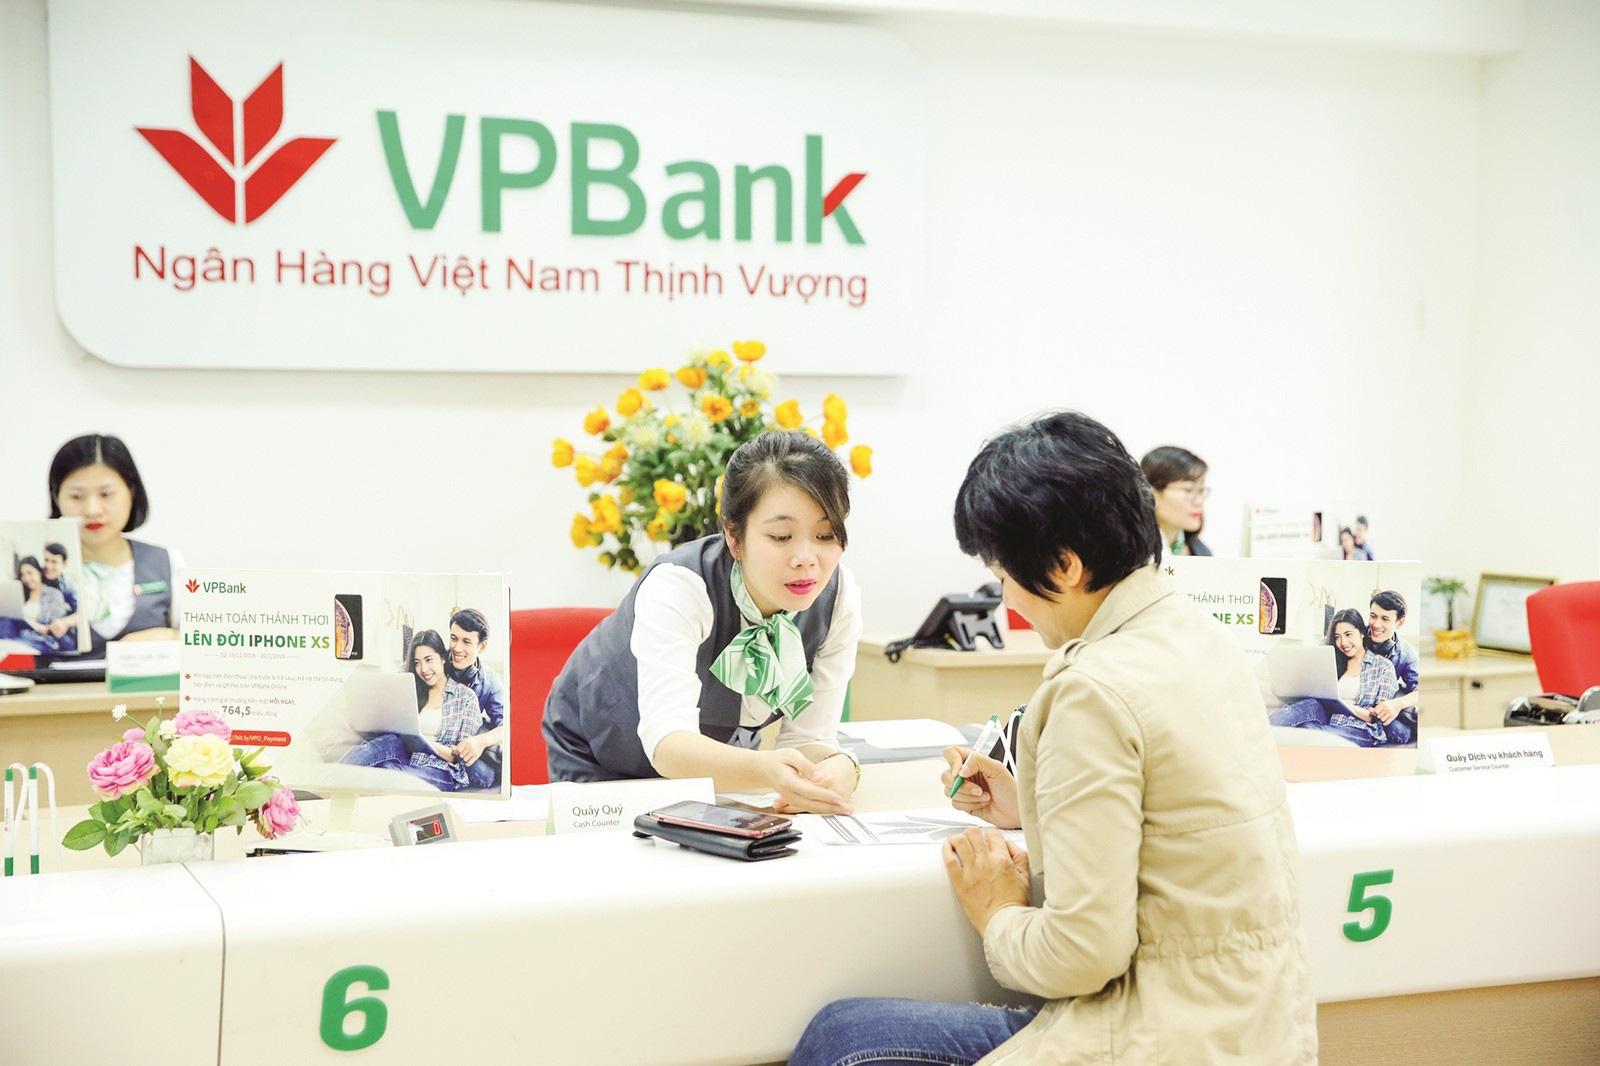 Mục tiêu 16.00 tỷ lợi nhuận, VPBank muốn bán 15 triệu cổ phiếu giá 10.000 đồng/cp - Ảnh 2.